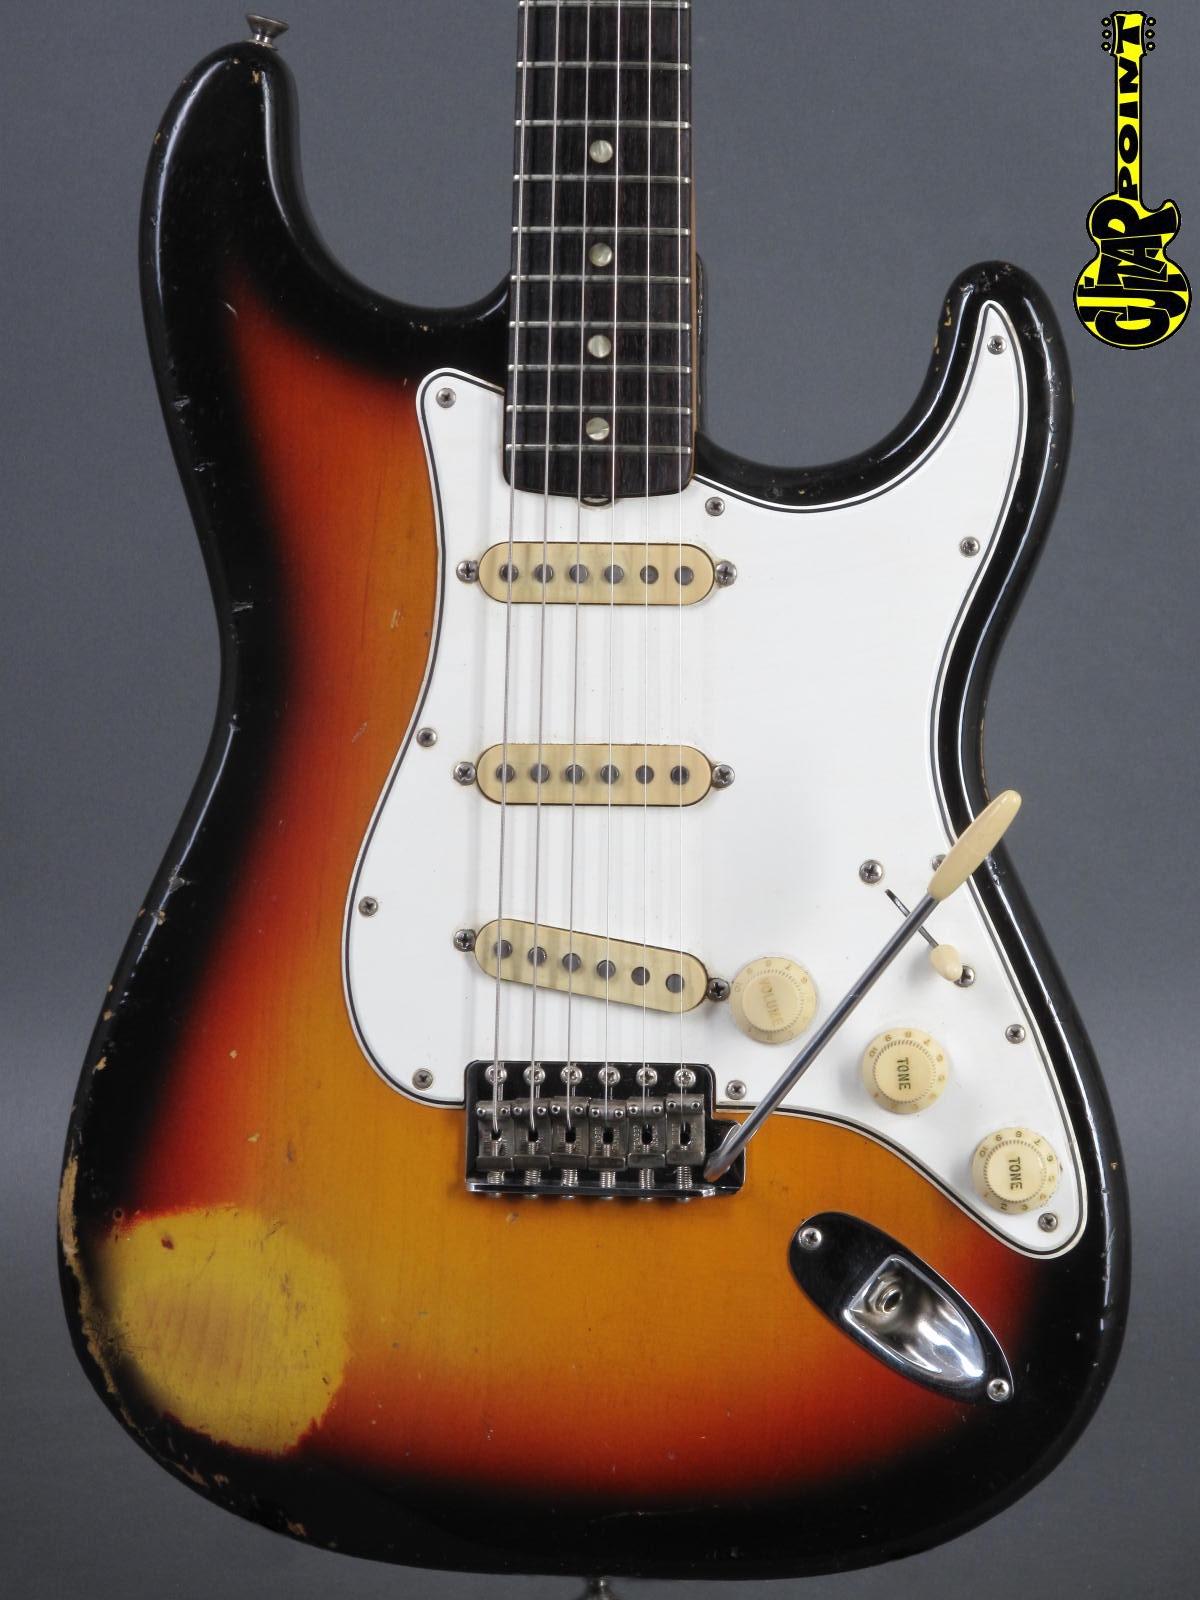 1966 Fender Stratocaster - 3t-Sunburst   ...lightweight!